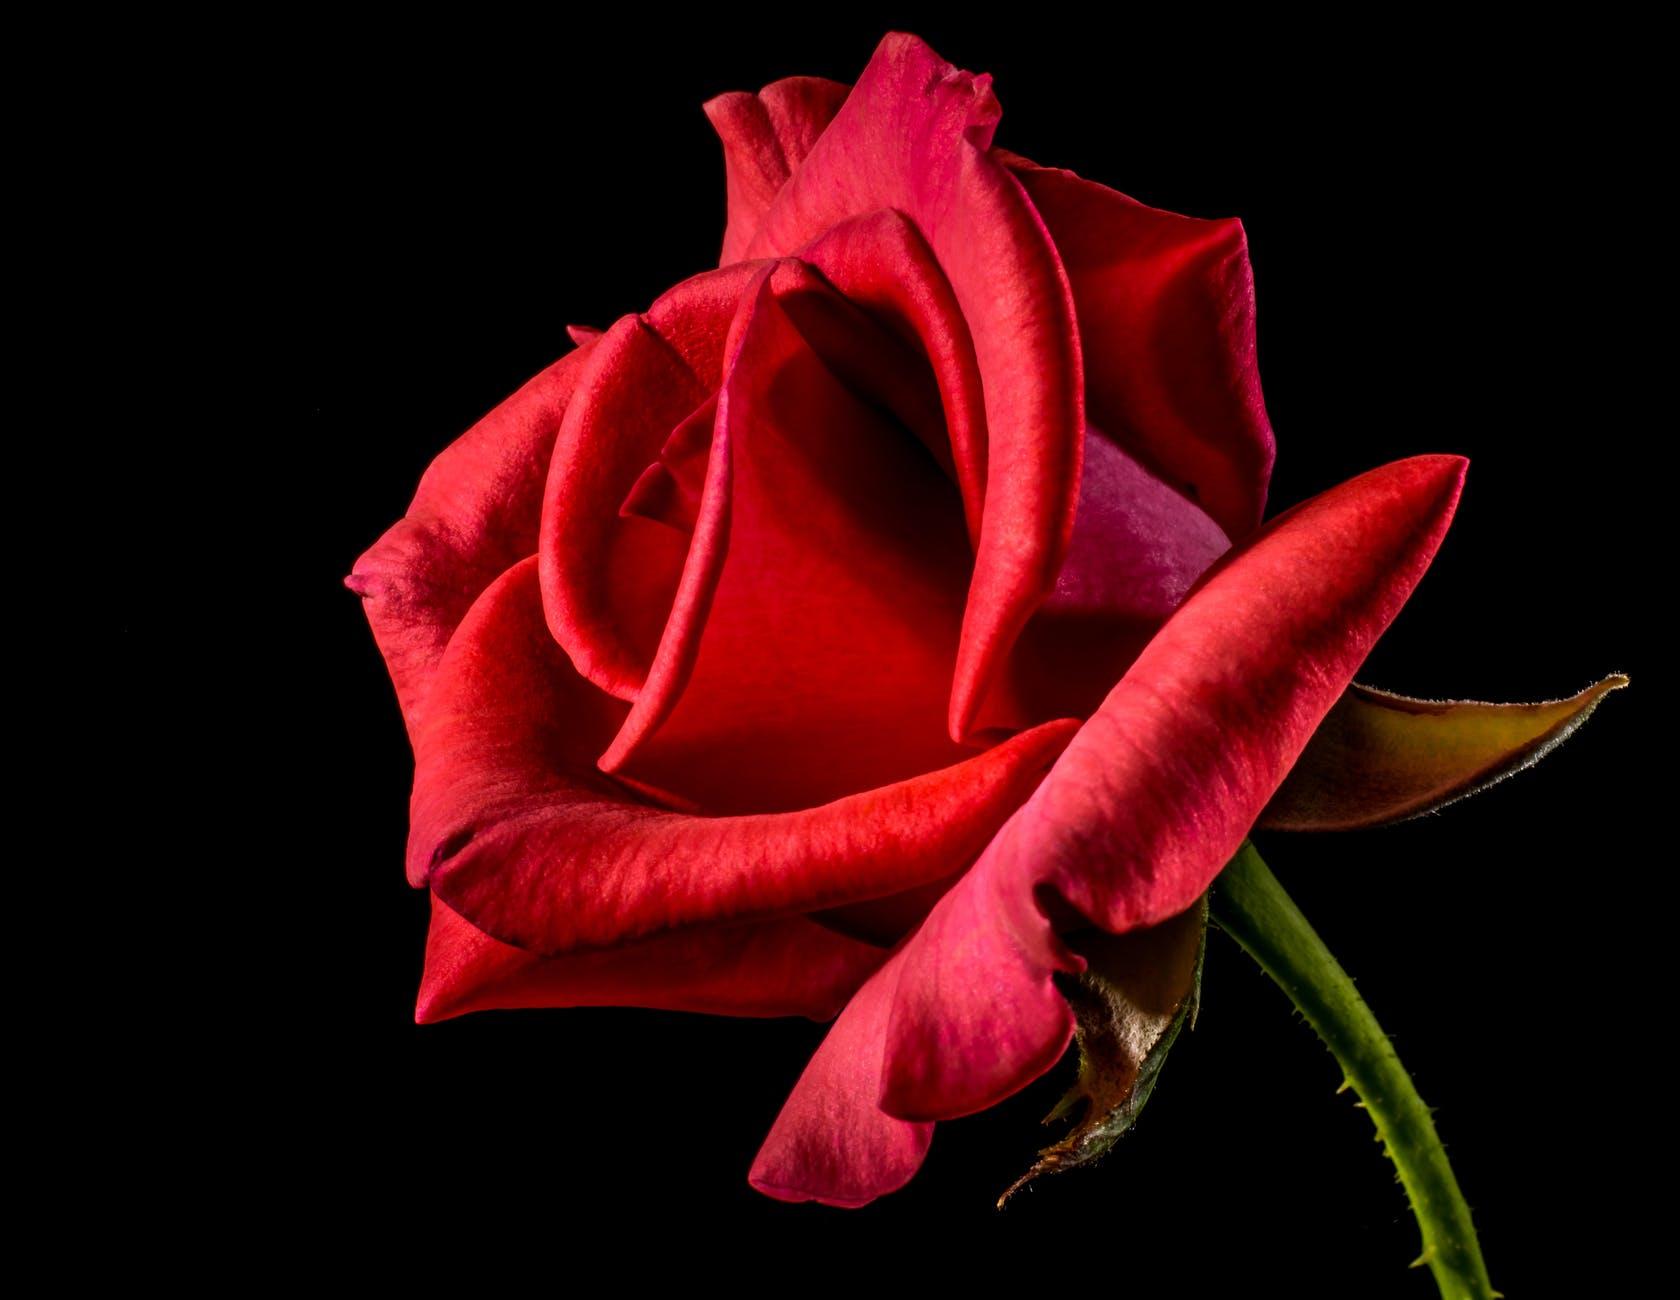 flower-roses-red-roses-bloom